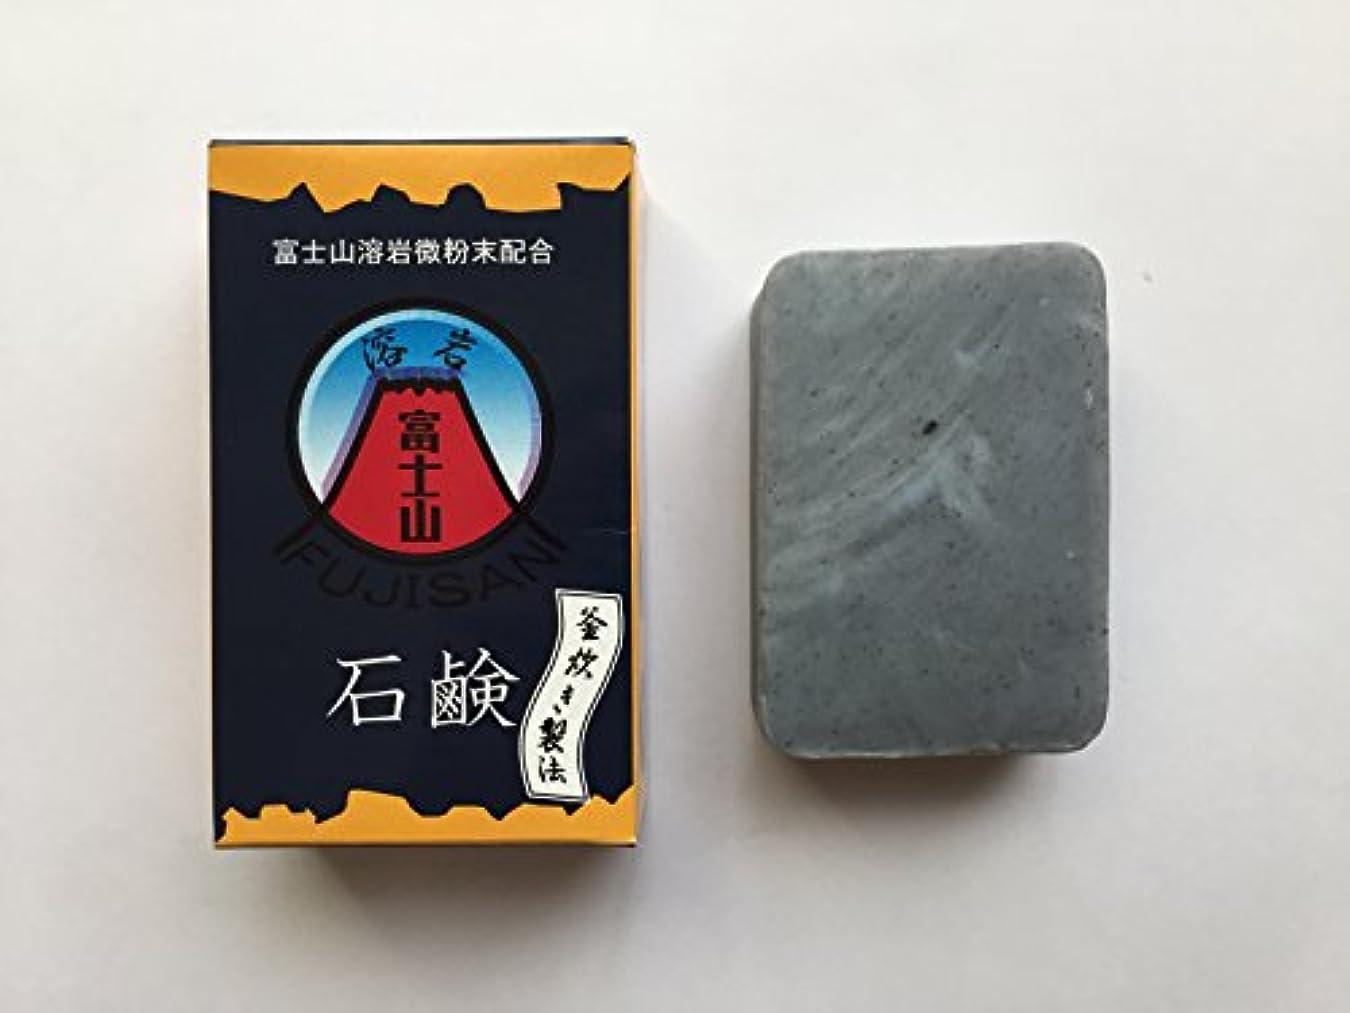 ベルベット不安びっくりする富士山溶岩石鹸 80g/個×3個セット